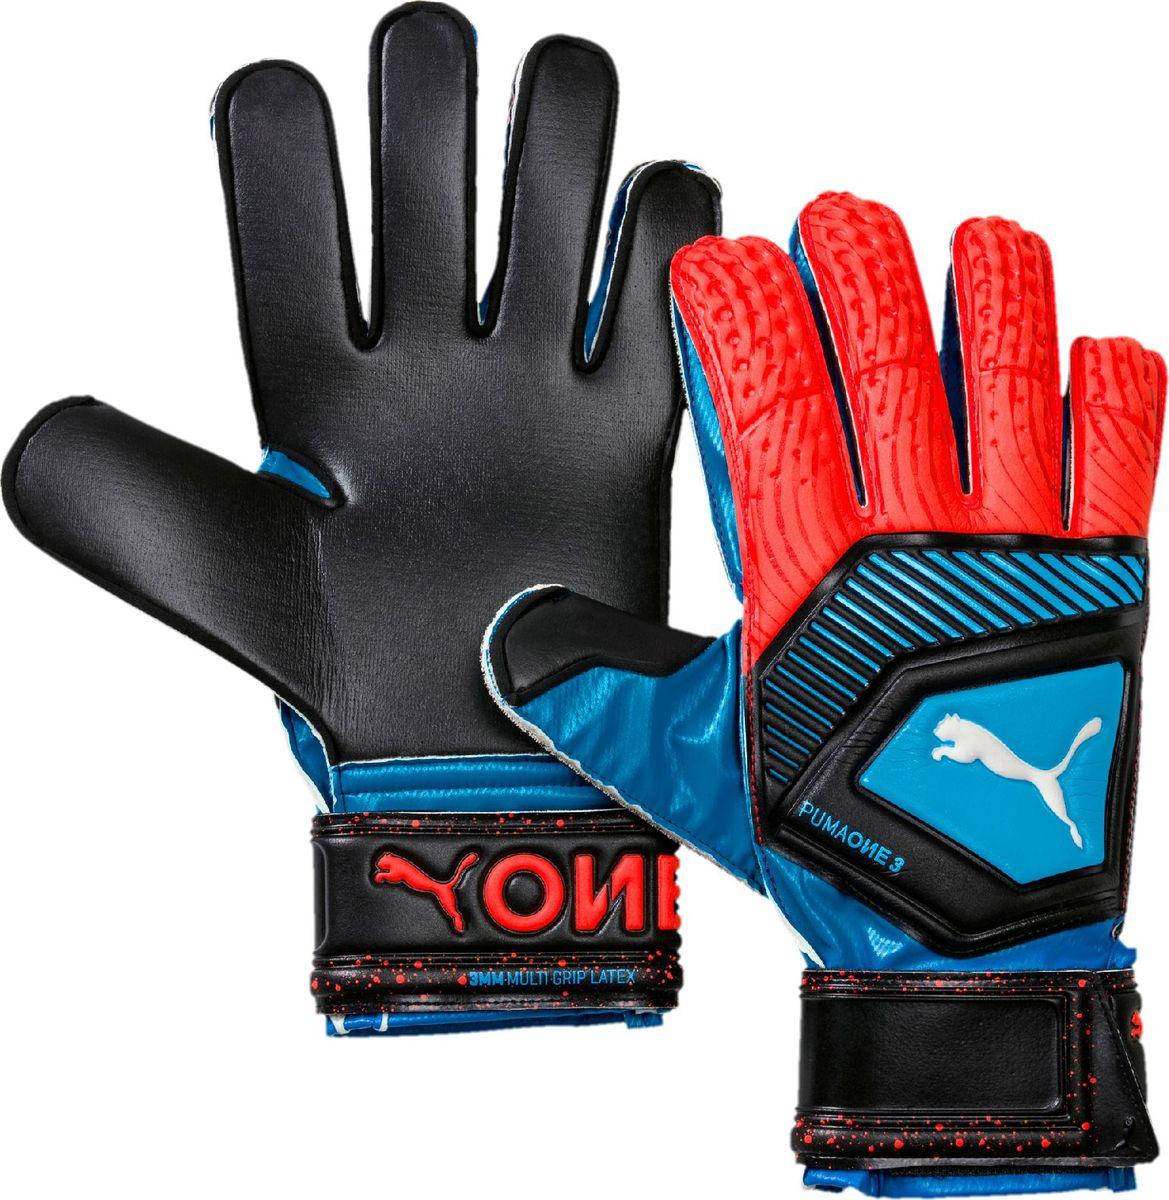 Перчатки вратарские Puma One Protect 3, 04148021, голубой, черный, размер 7,5 цена